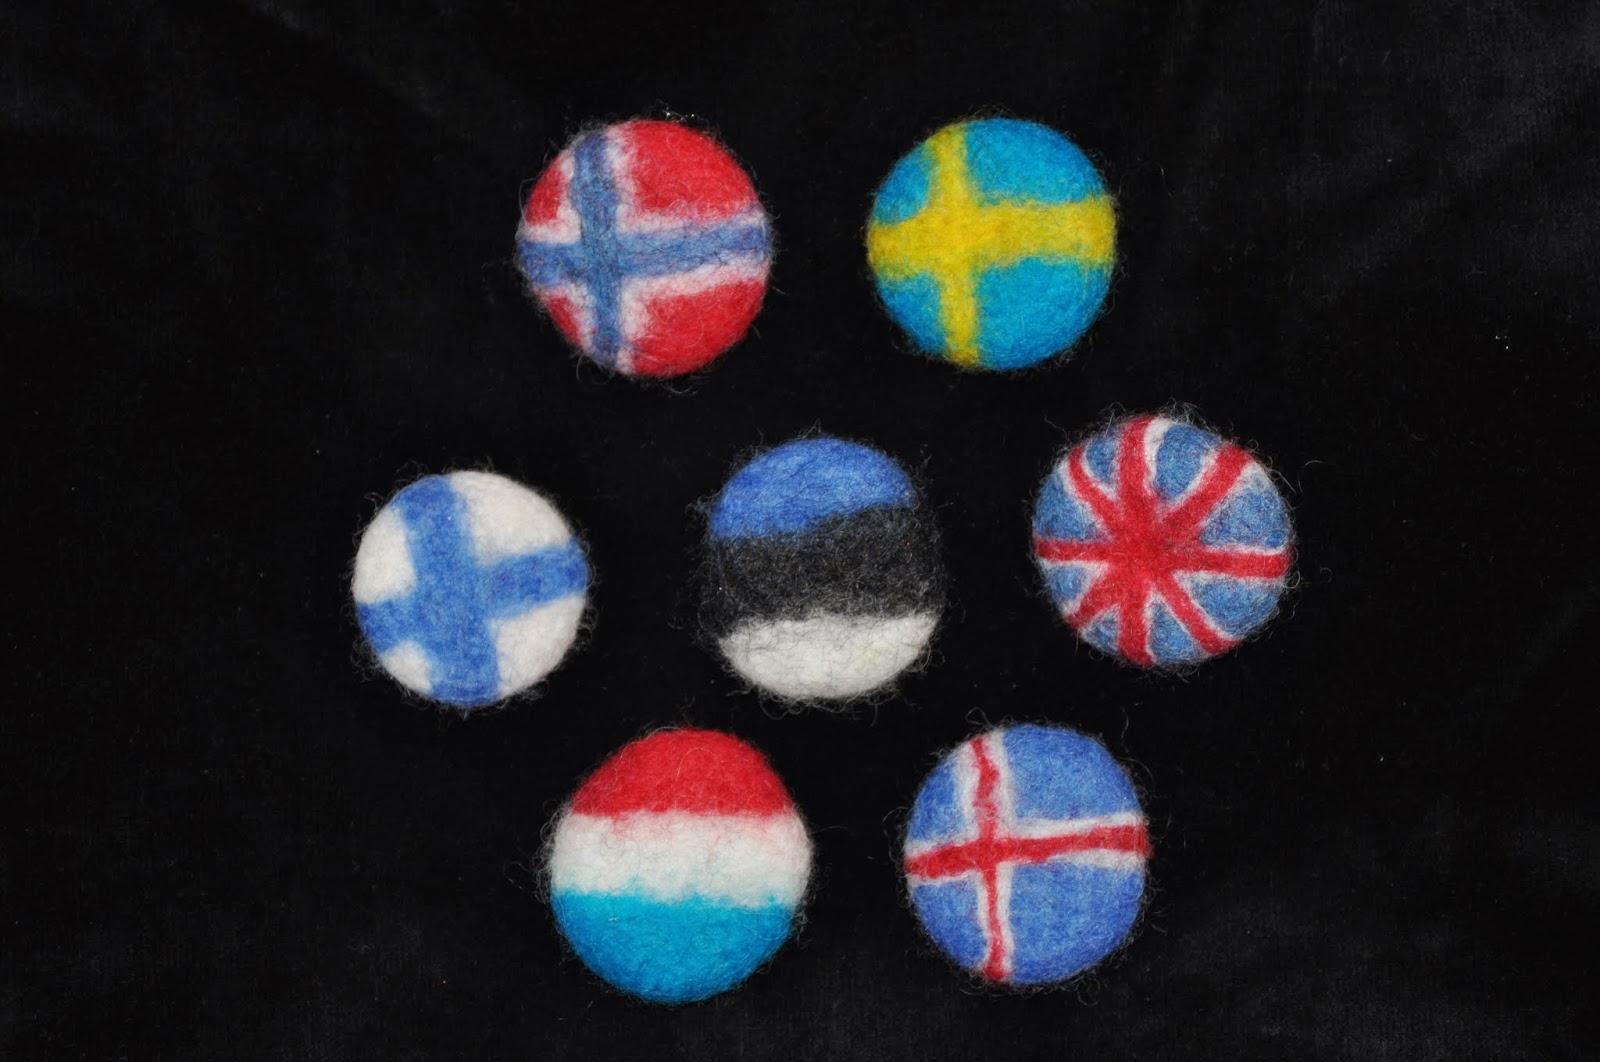 Huovutetut kanssalisliput, viron käsityöliikkeet, viron käsityö, käsityökauppa, ostoksilla Tallinnassa, käsityökauppa netissä